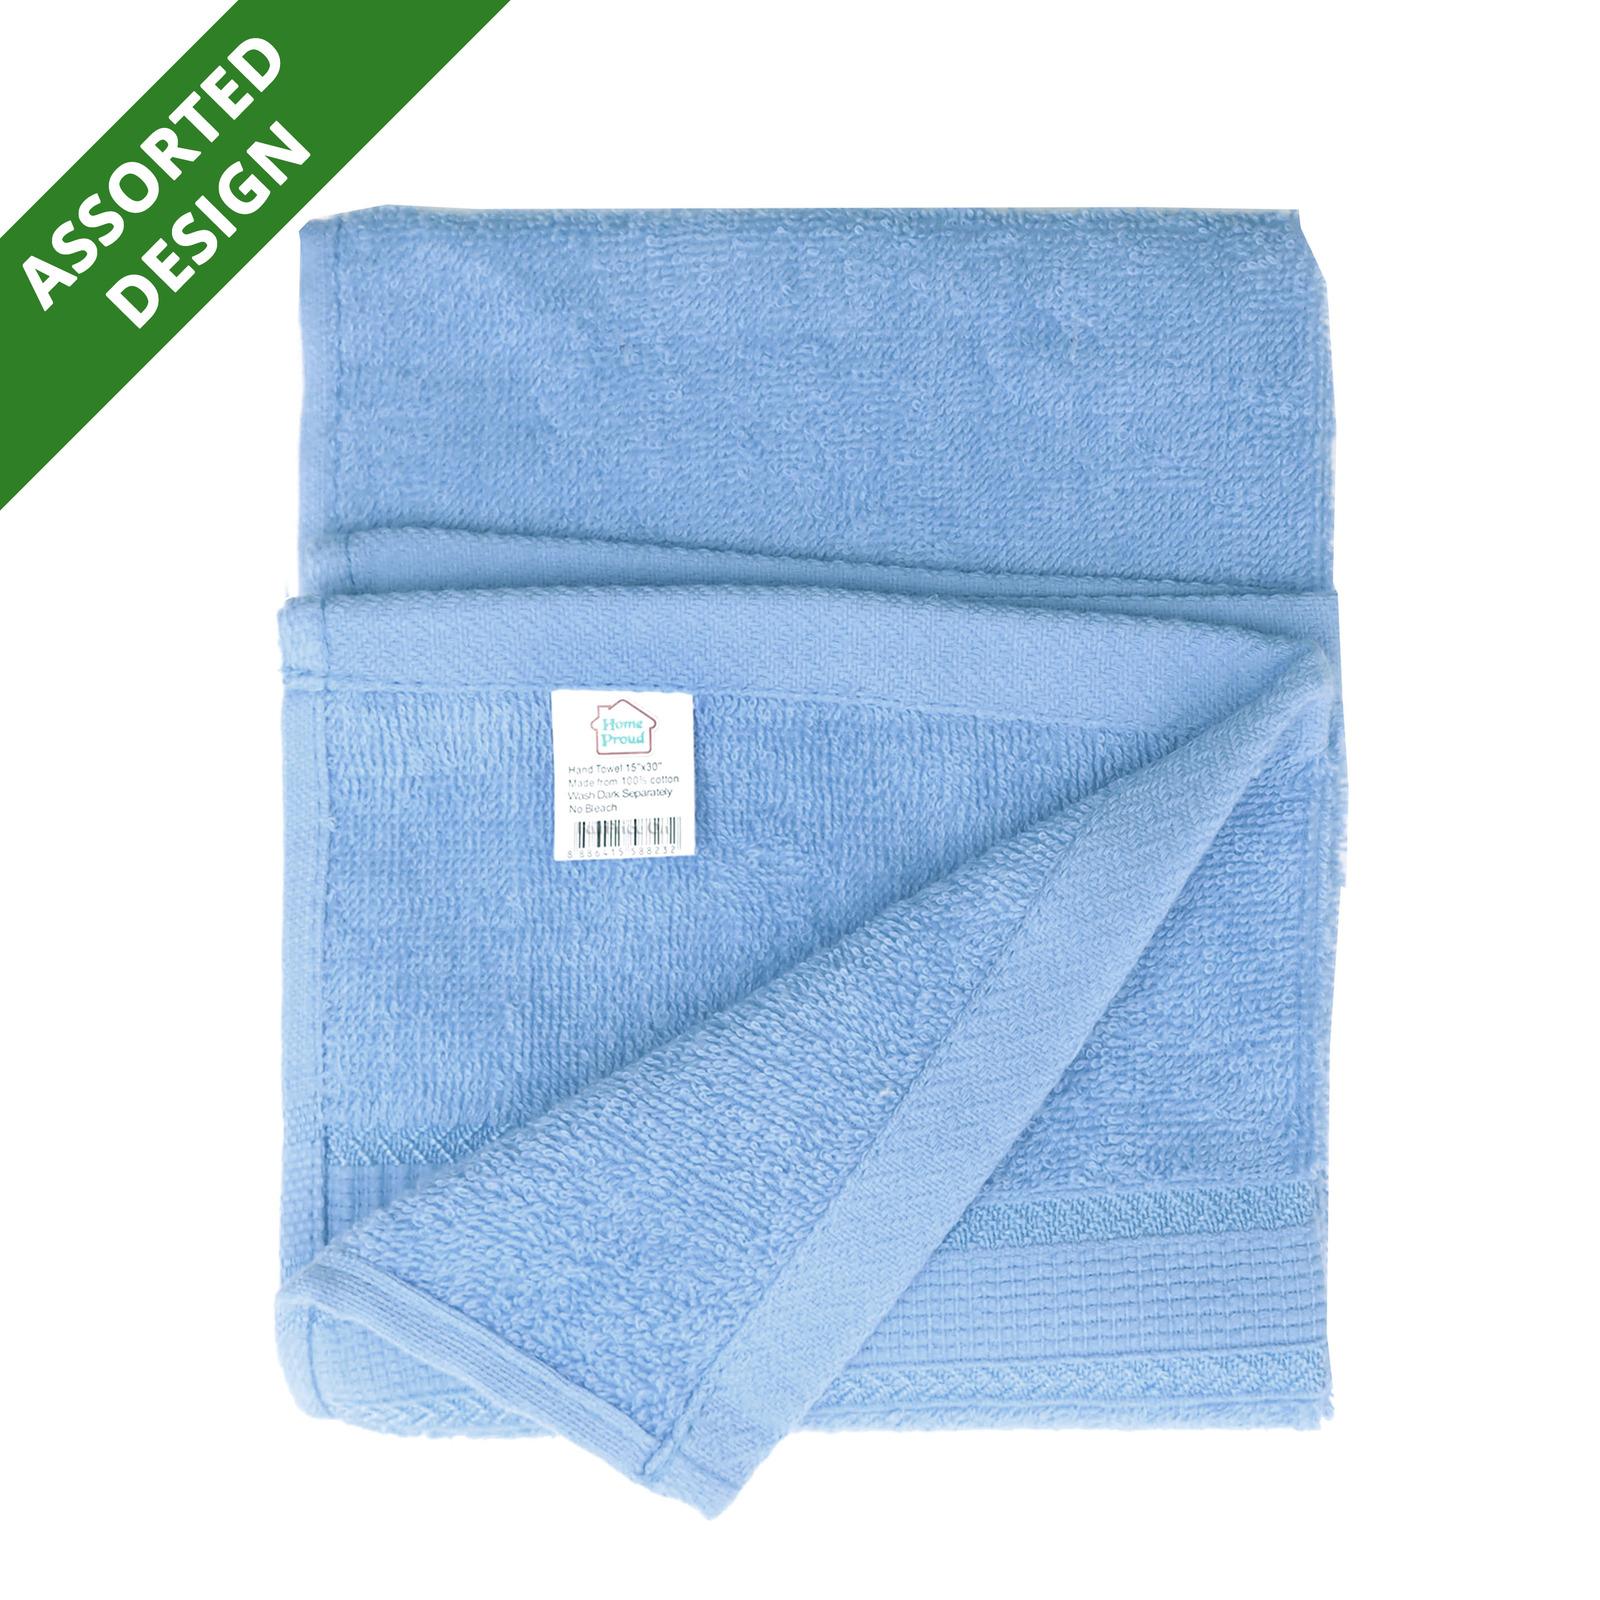 HomeProud Hand Towel - Assorted